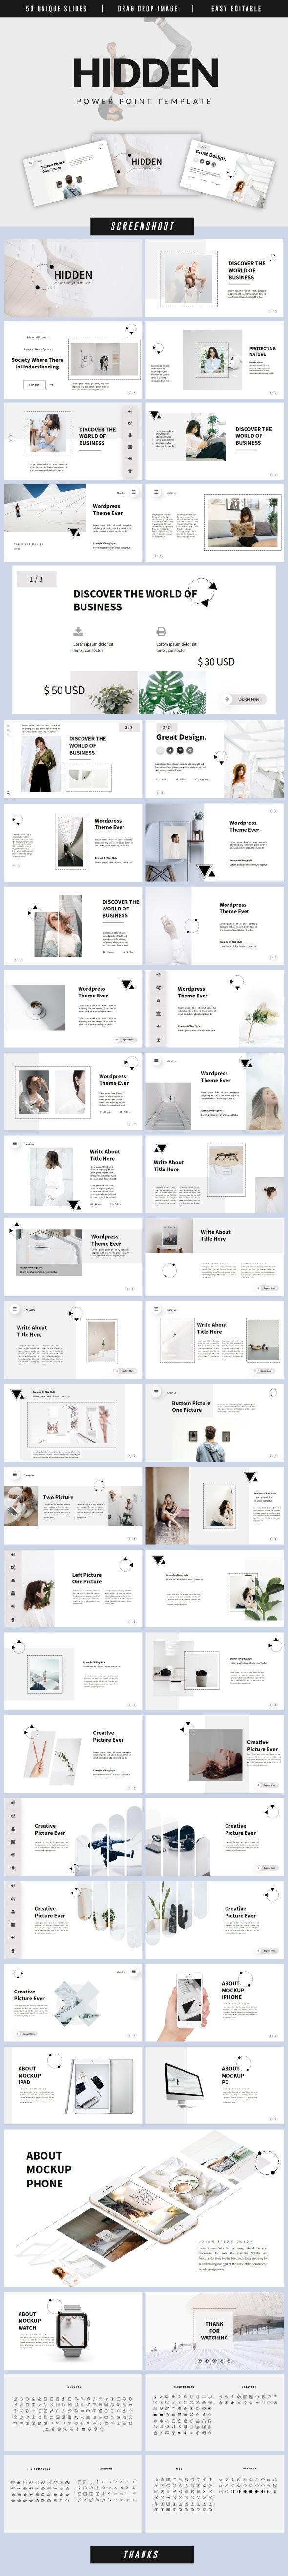 Hidden Business Powerpoint - Business PowerPoint Templates